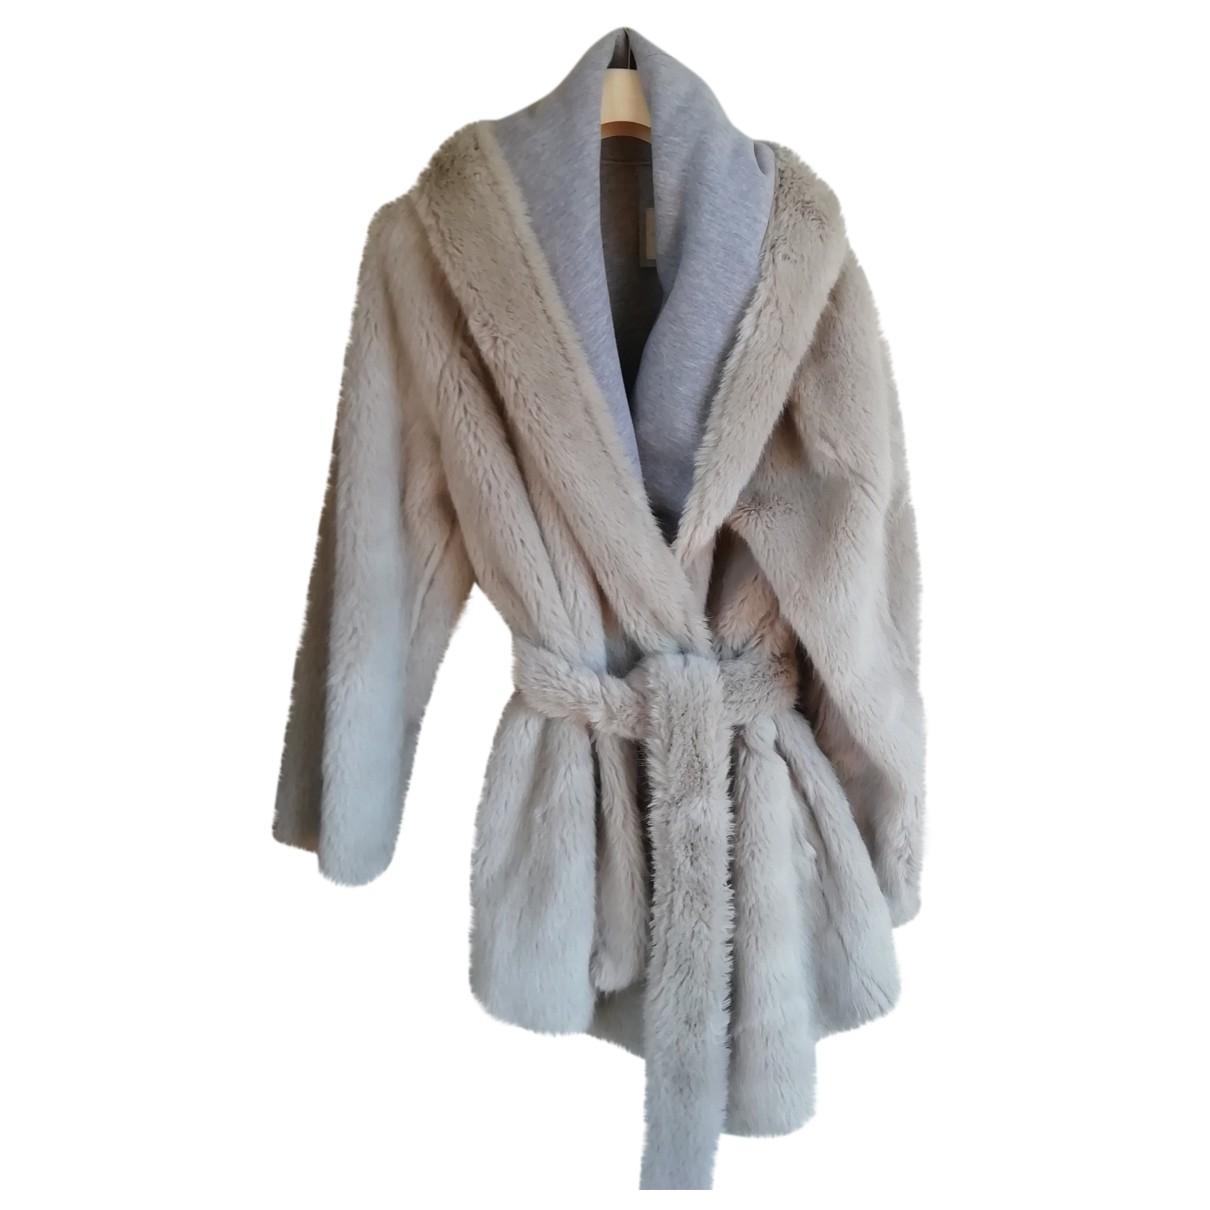 Autre Marque - Manteau   pour femme en fourrure synthetique - gris